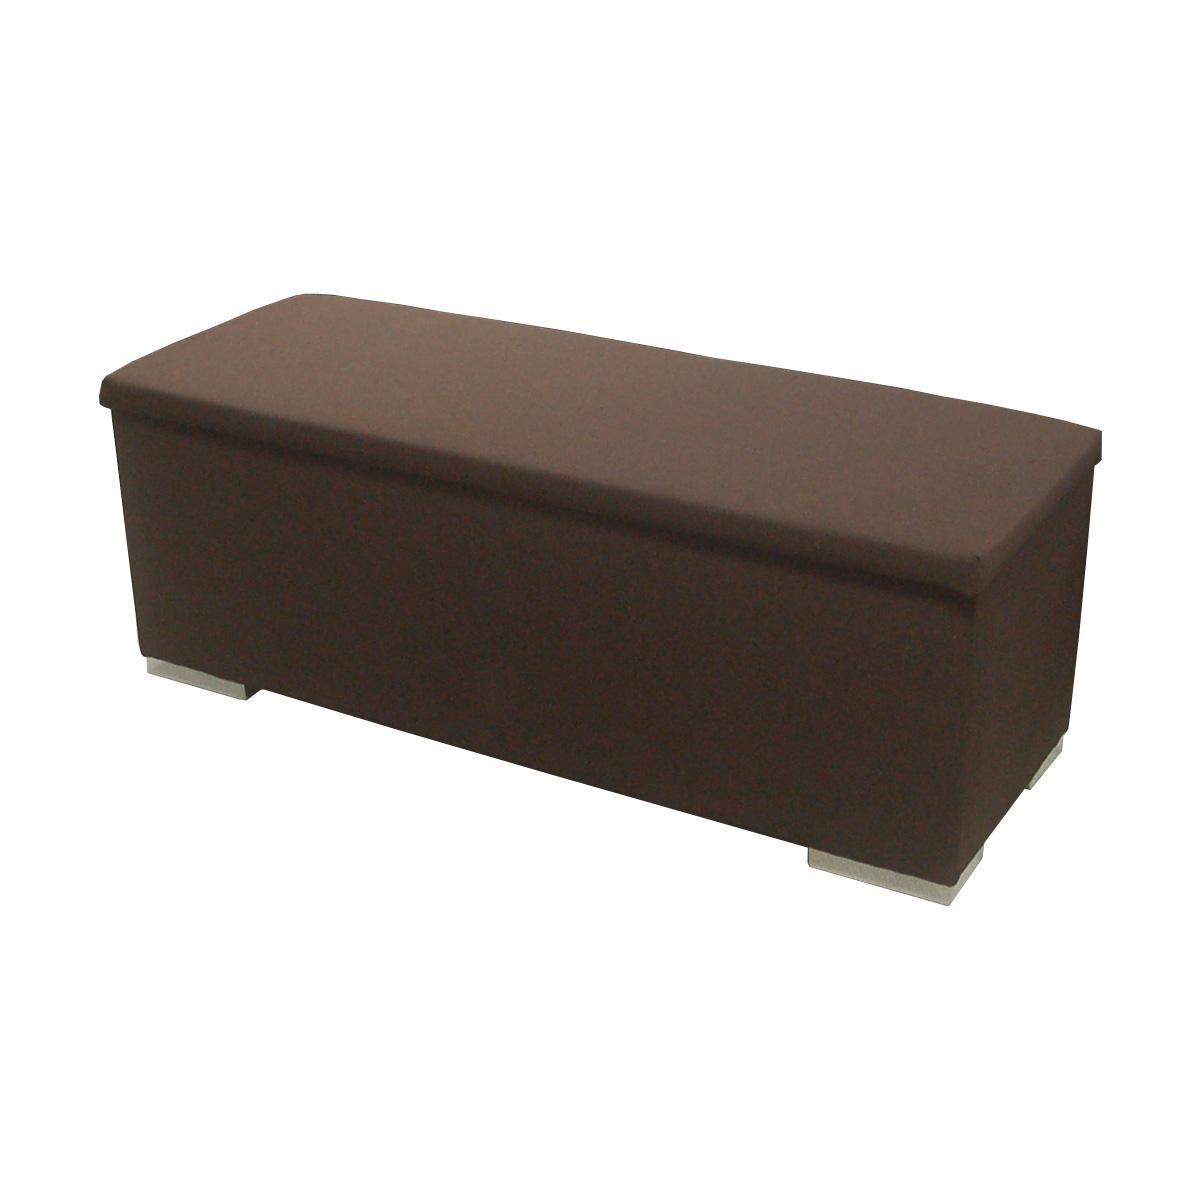 Sitzbank schlafzimmer schwarz ~ Sitzbank Universal Bank weiss bänke ...